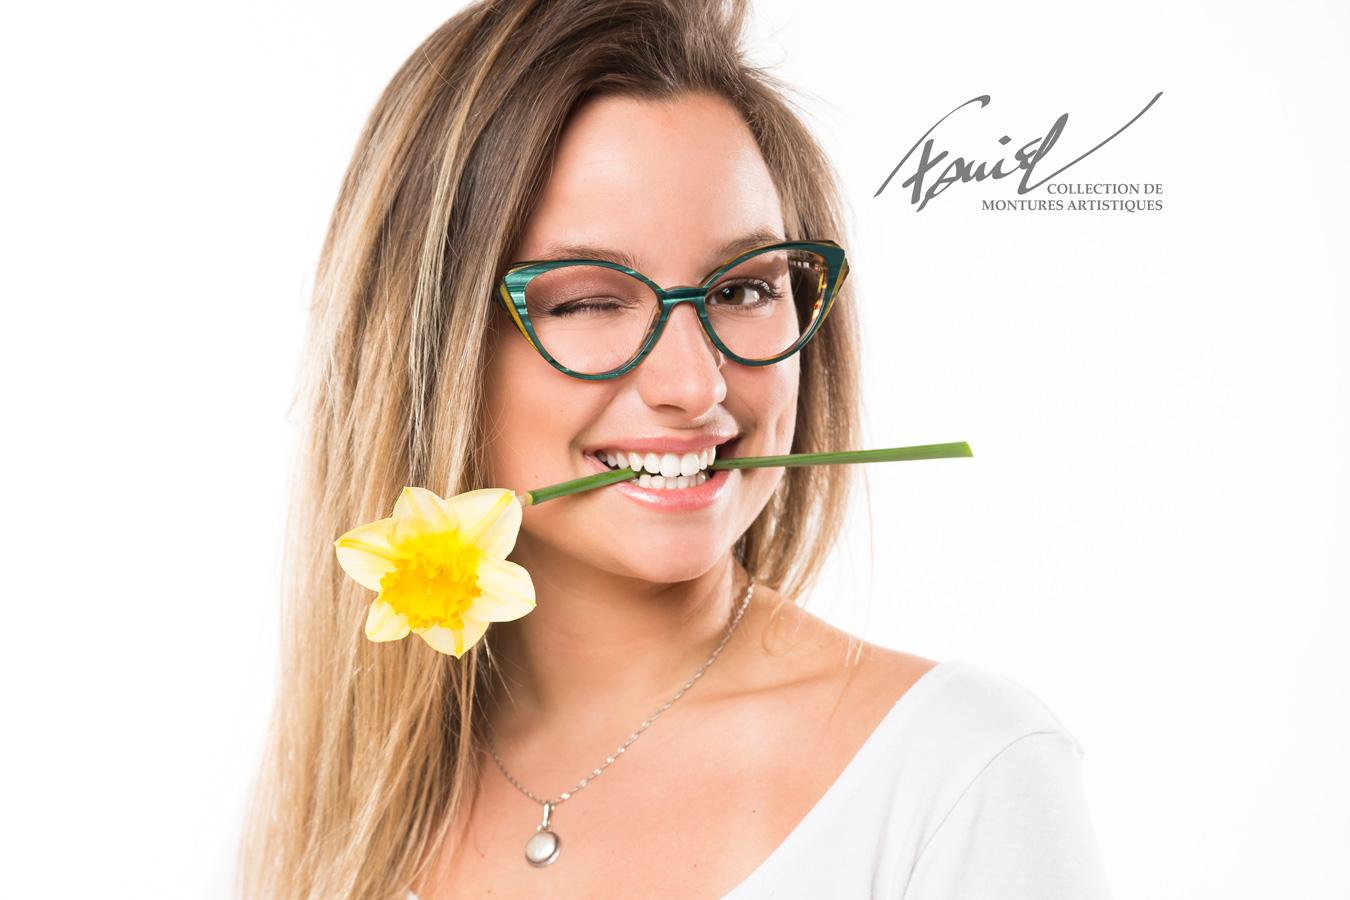 Collection de lunettes de vue Faniel disponible chez Les Branchés Lunetterie 9e33c6fbbce9